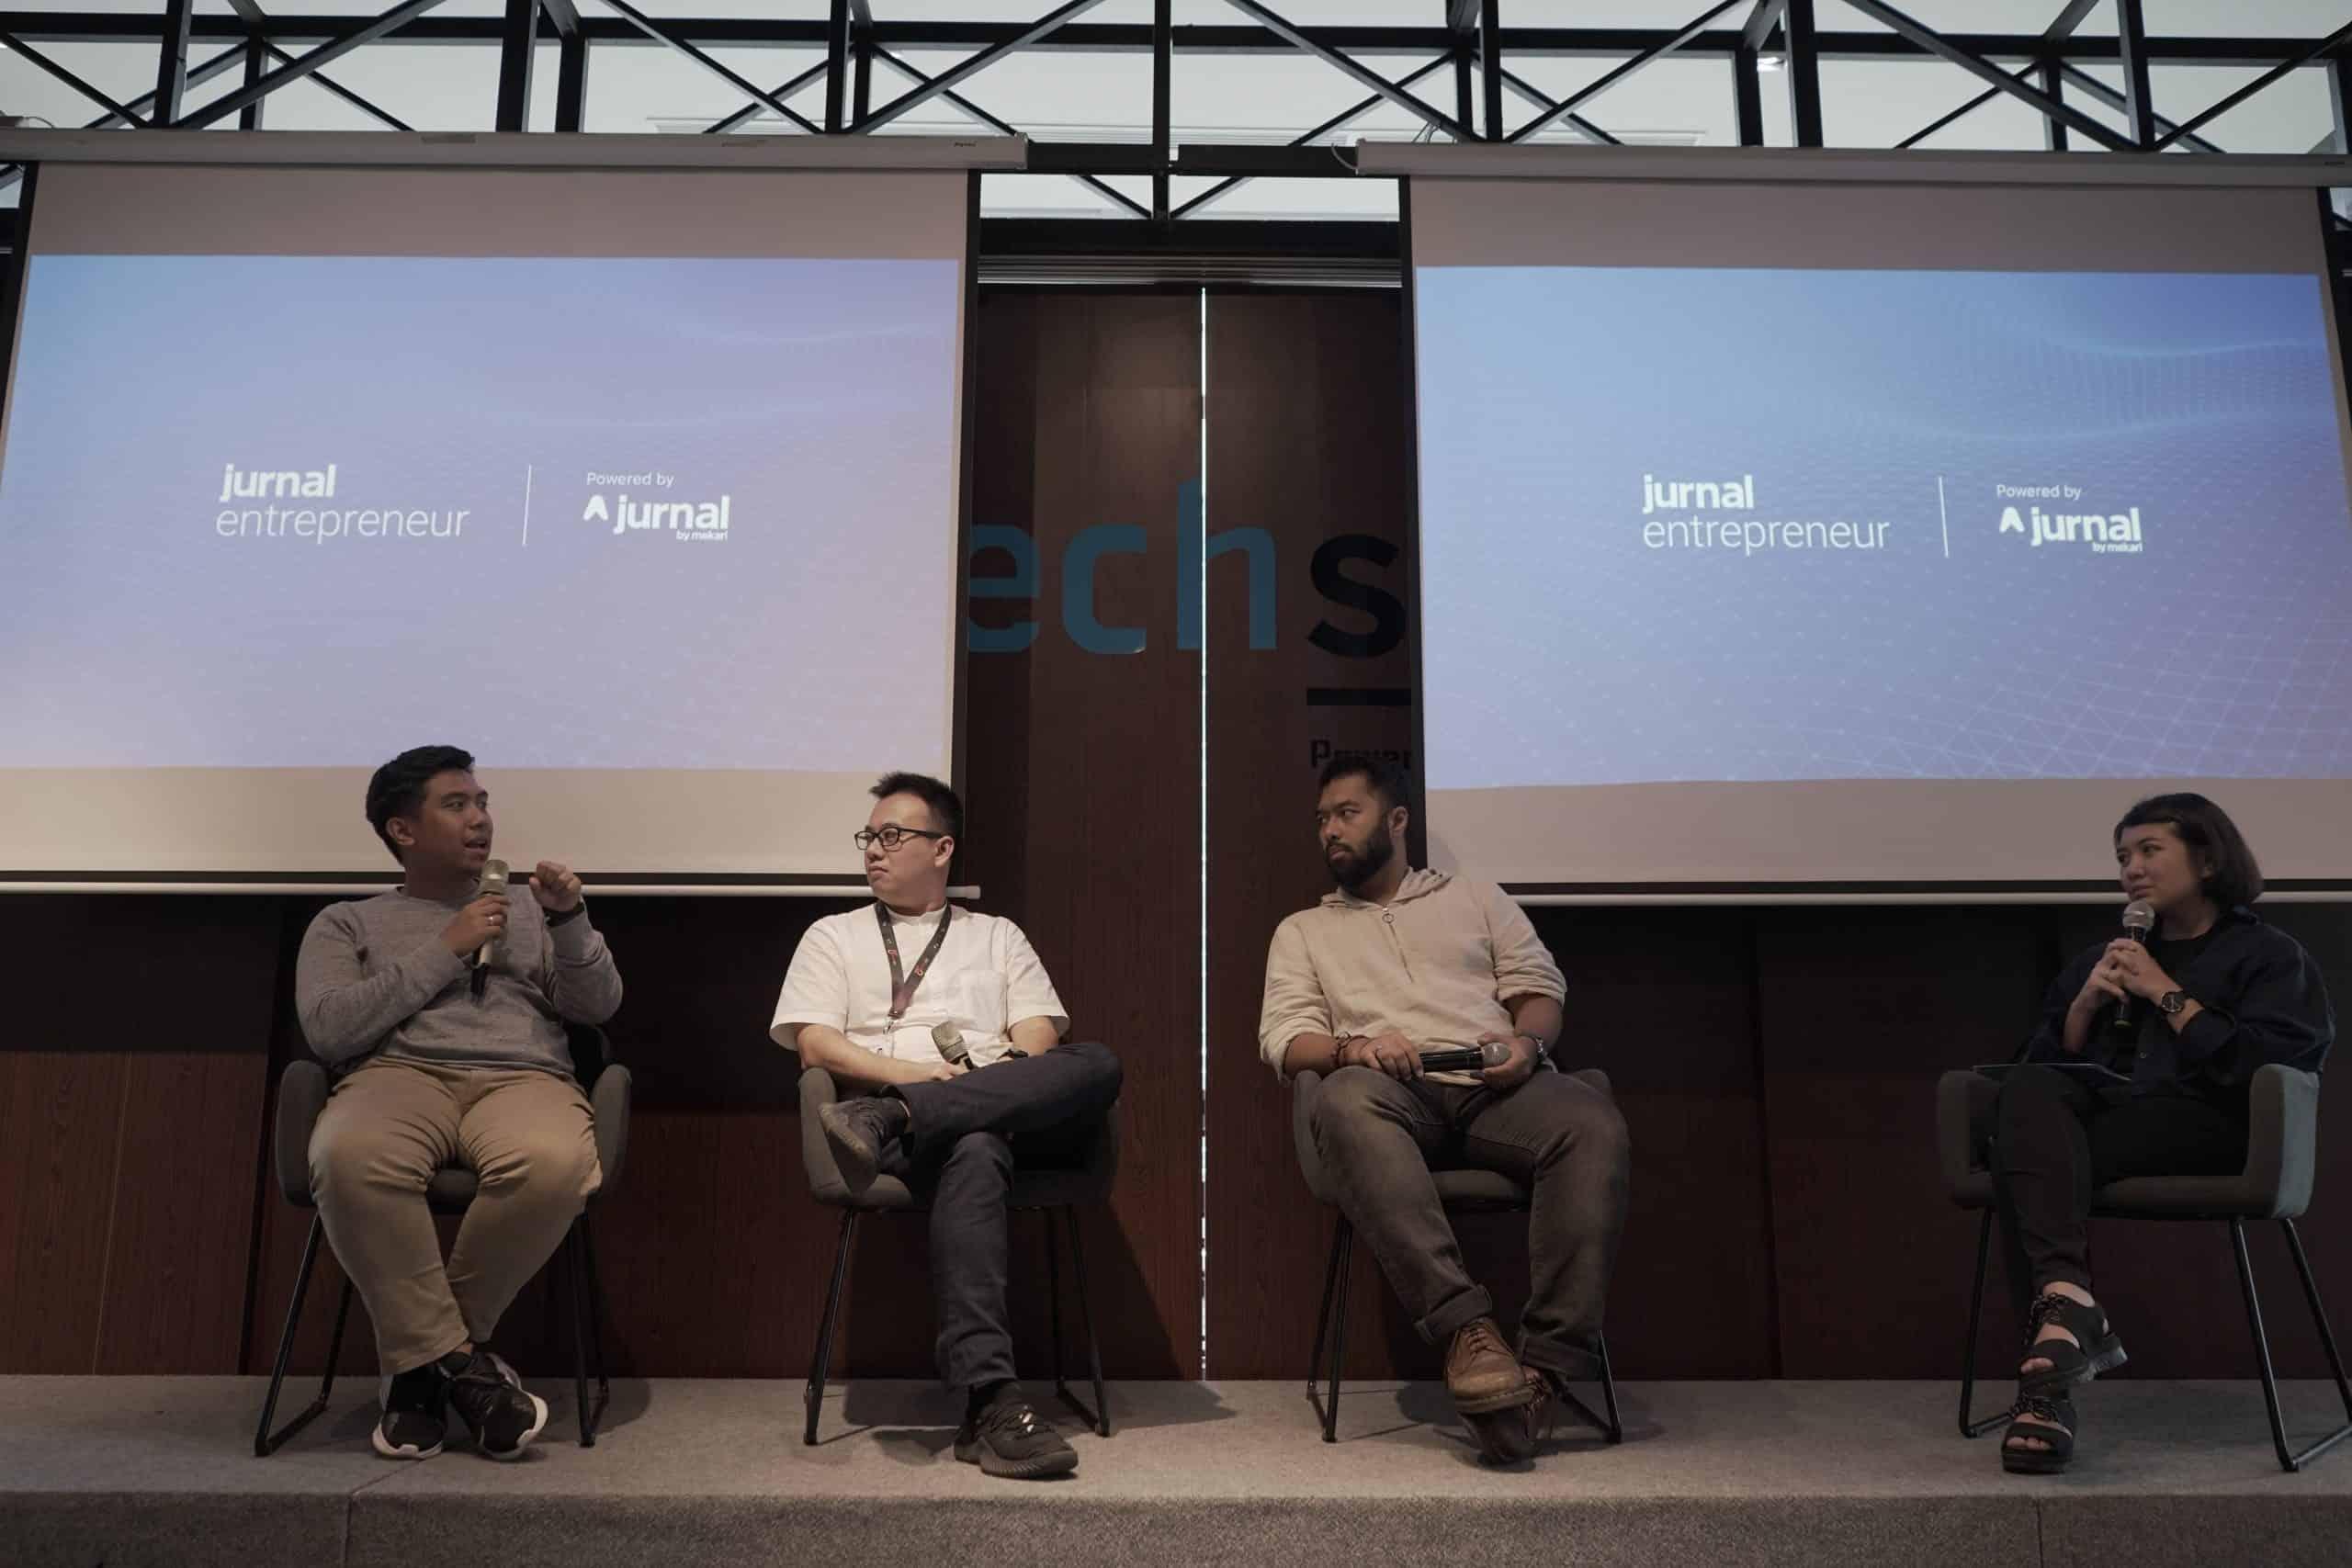 Teknologi dan SDM Jadi Kunci dalam Mengembangkan Bisnis Jasa